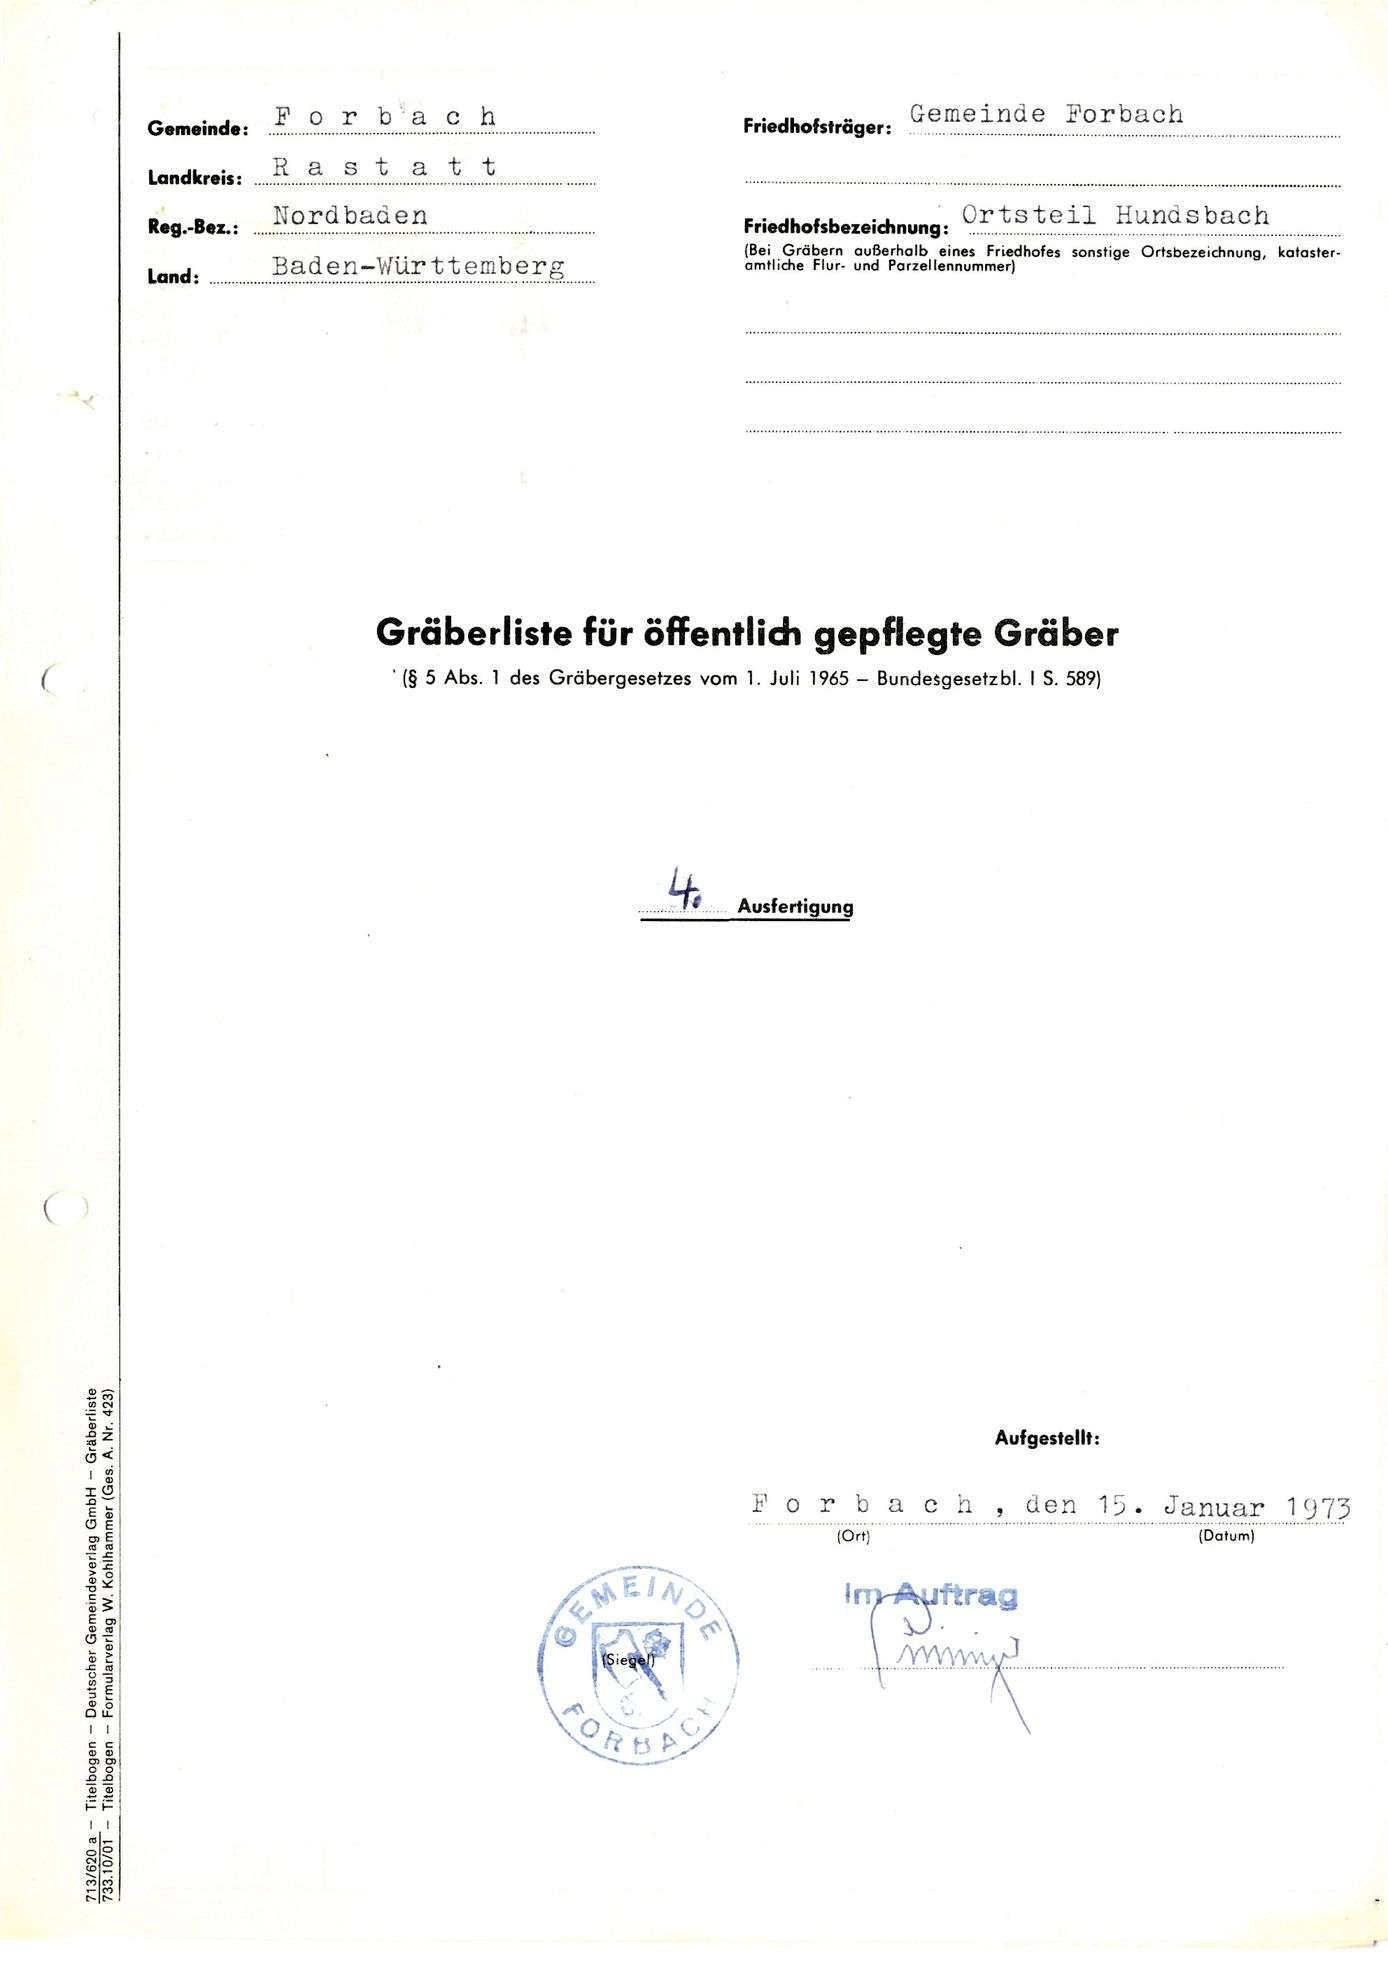 Hundsbach, Bild 1